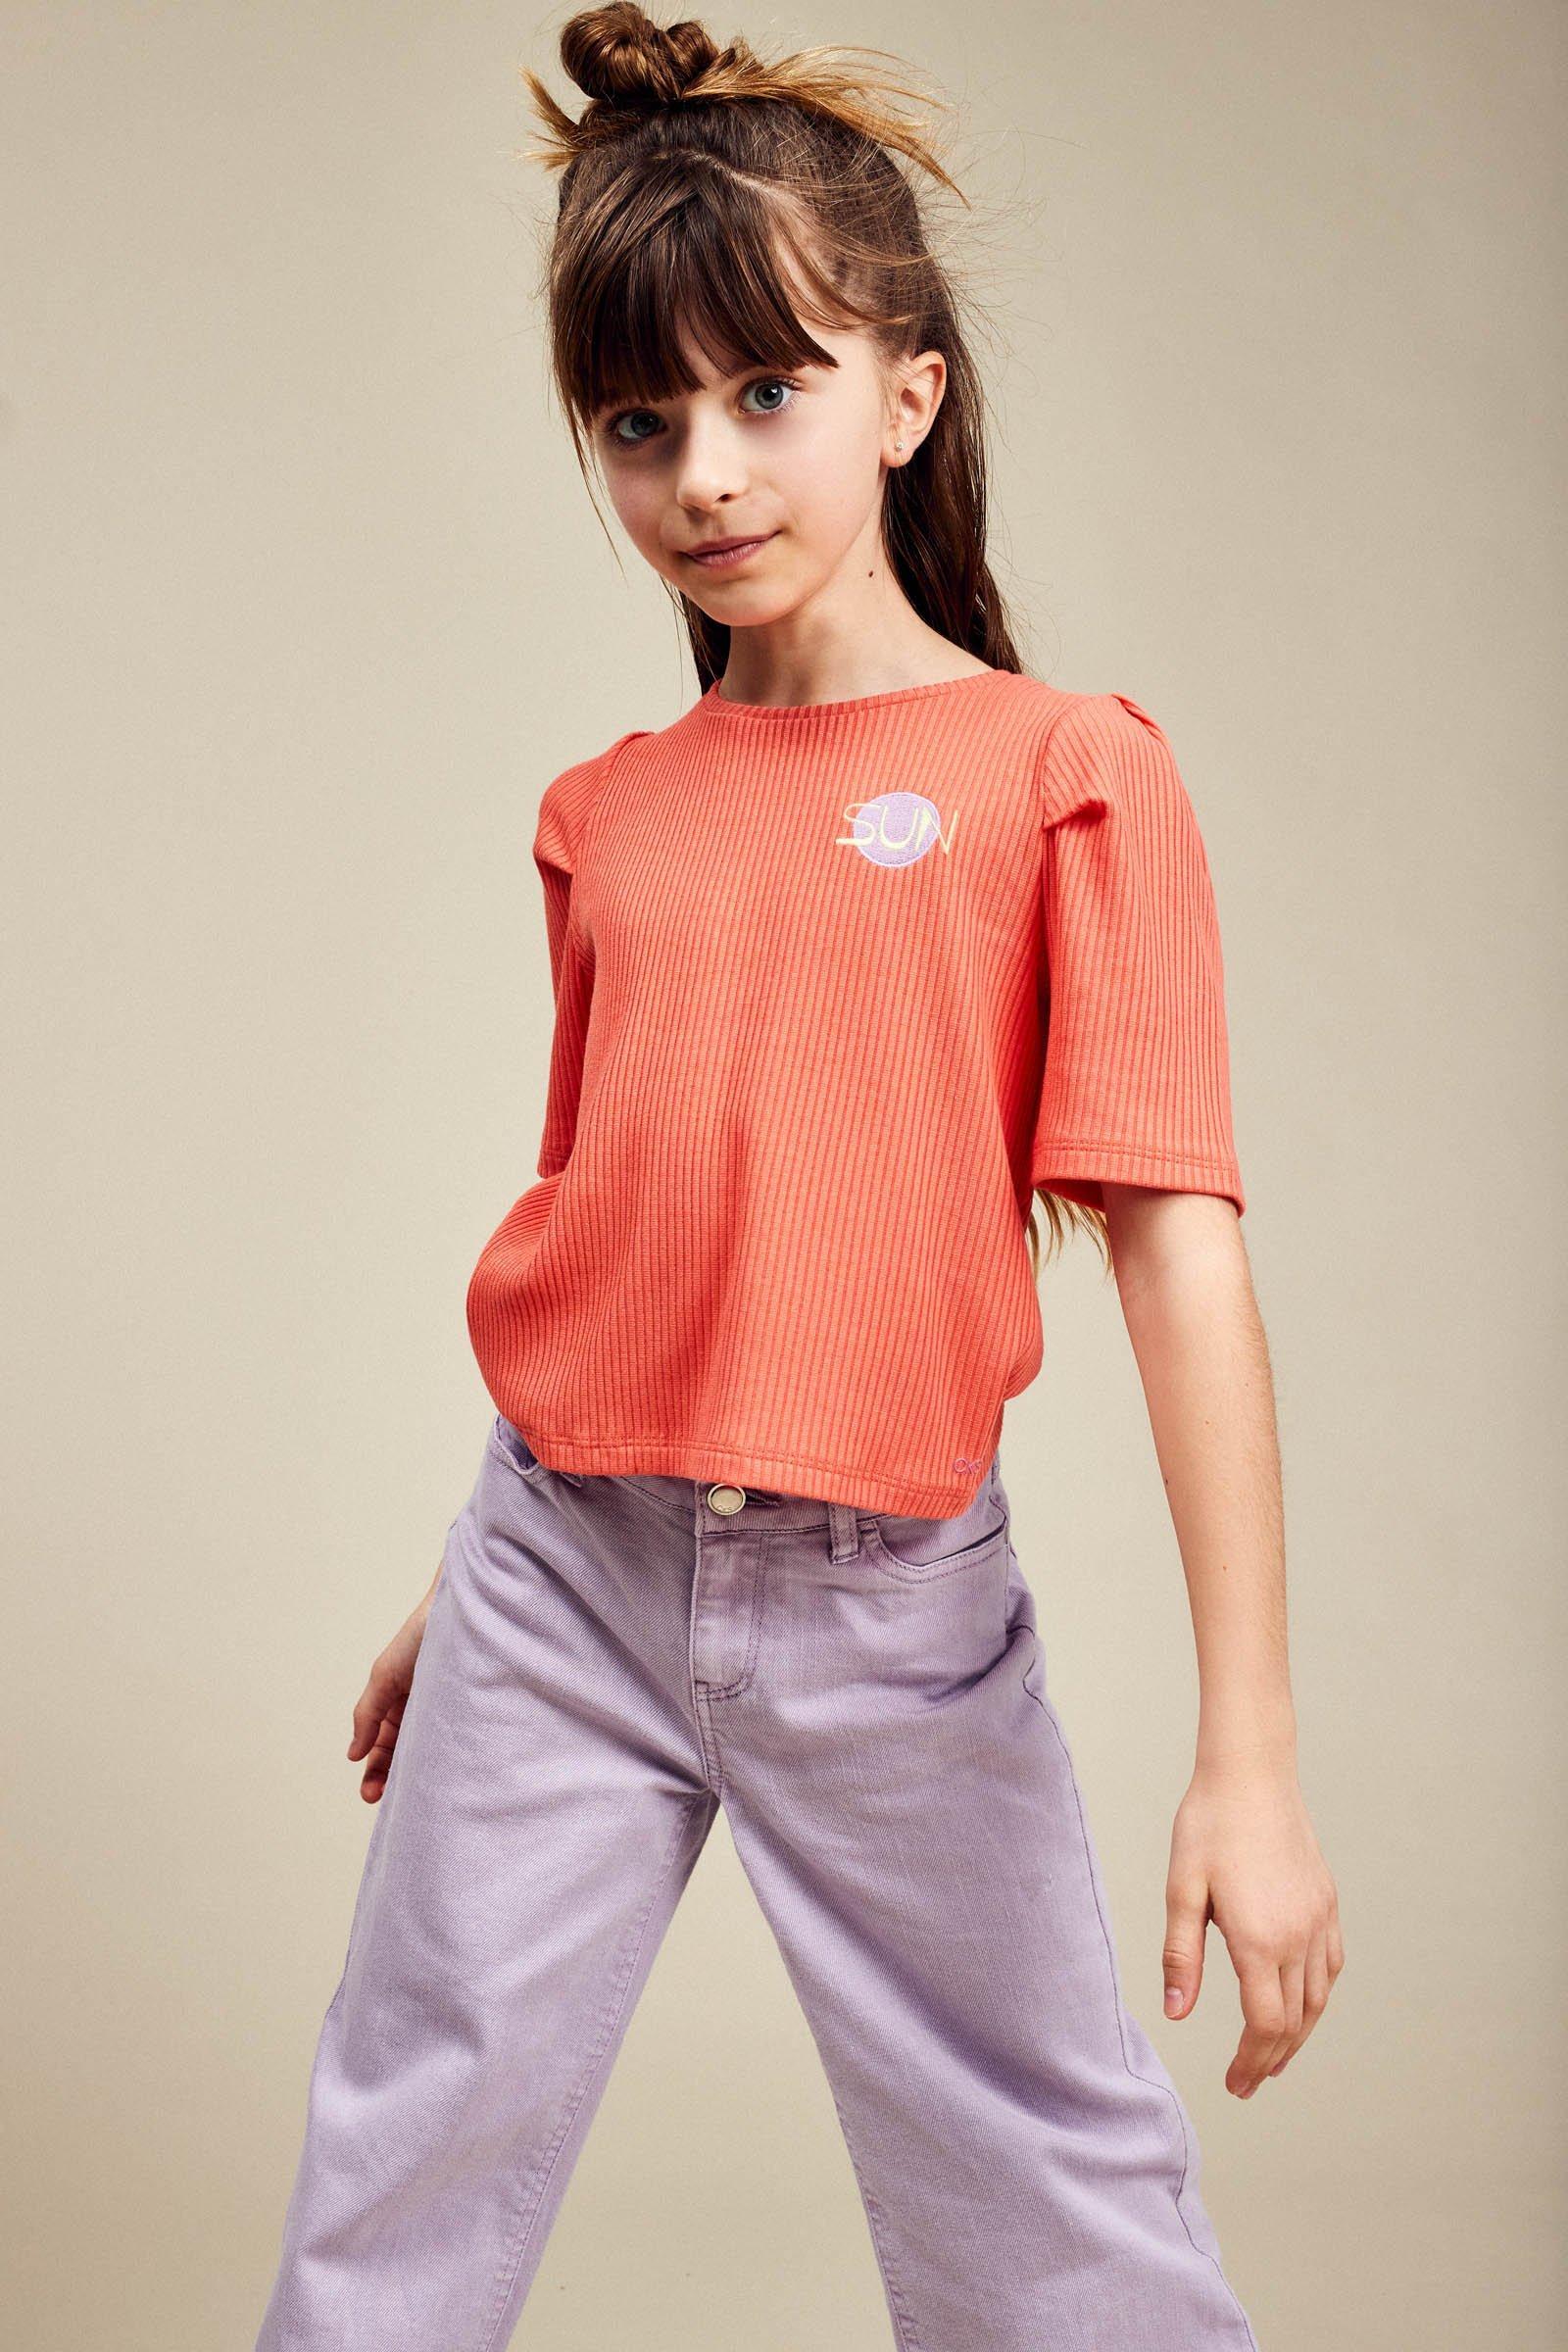 CKS Kids - ELLA - t-shirt korte mouwen - meerkleurig